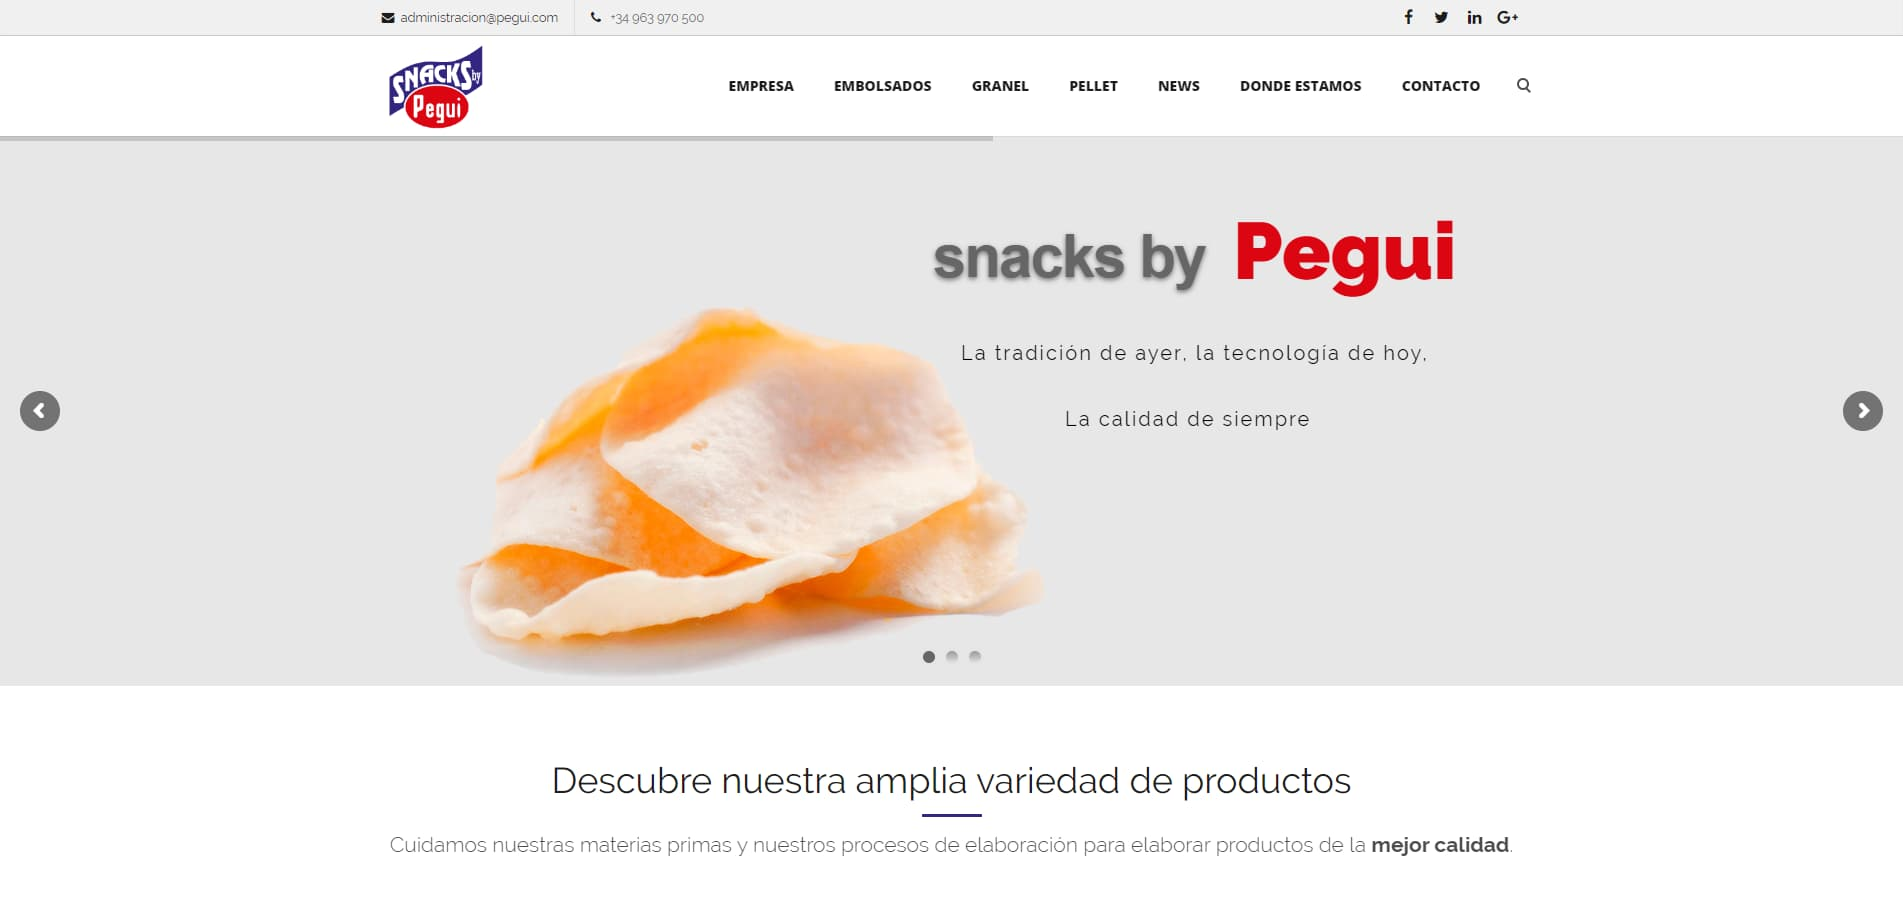 Pegui Snacks by Pegui